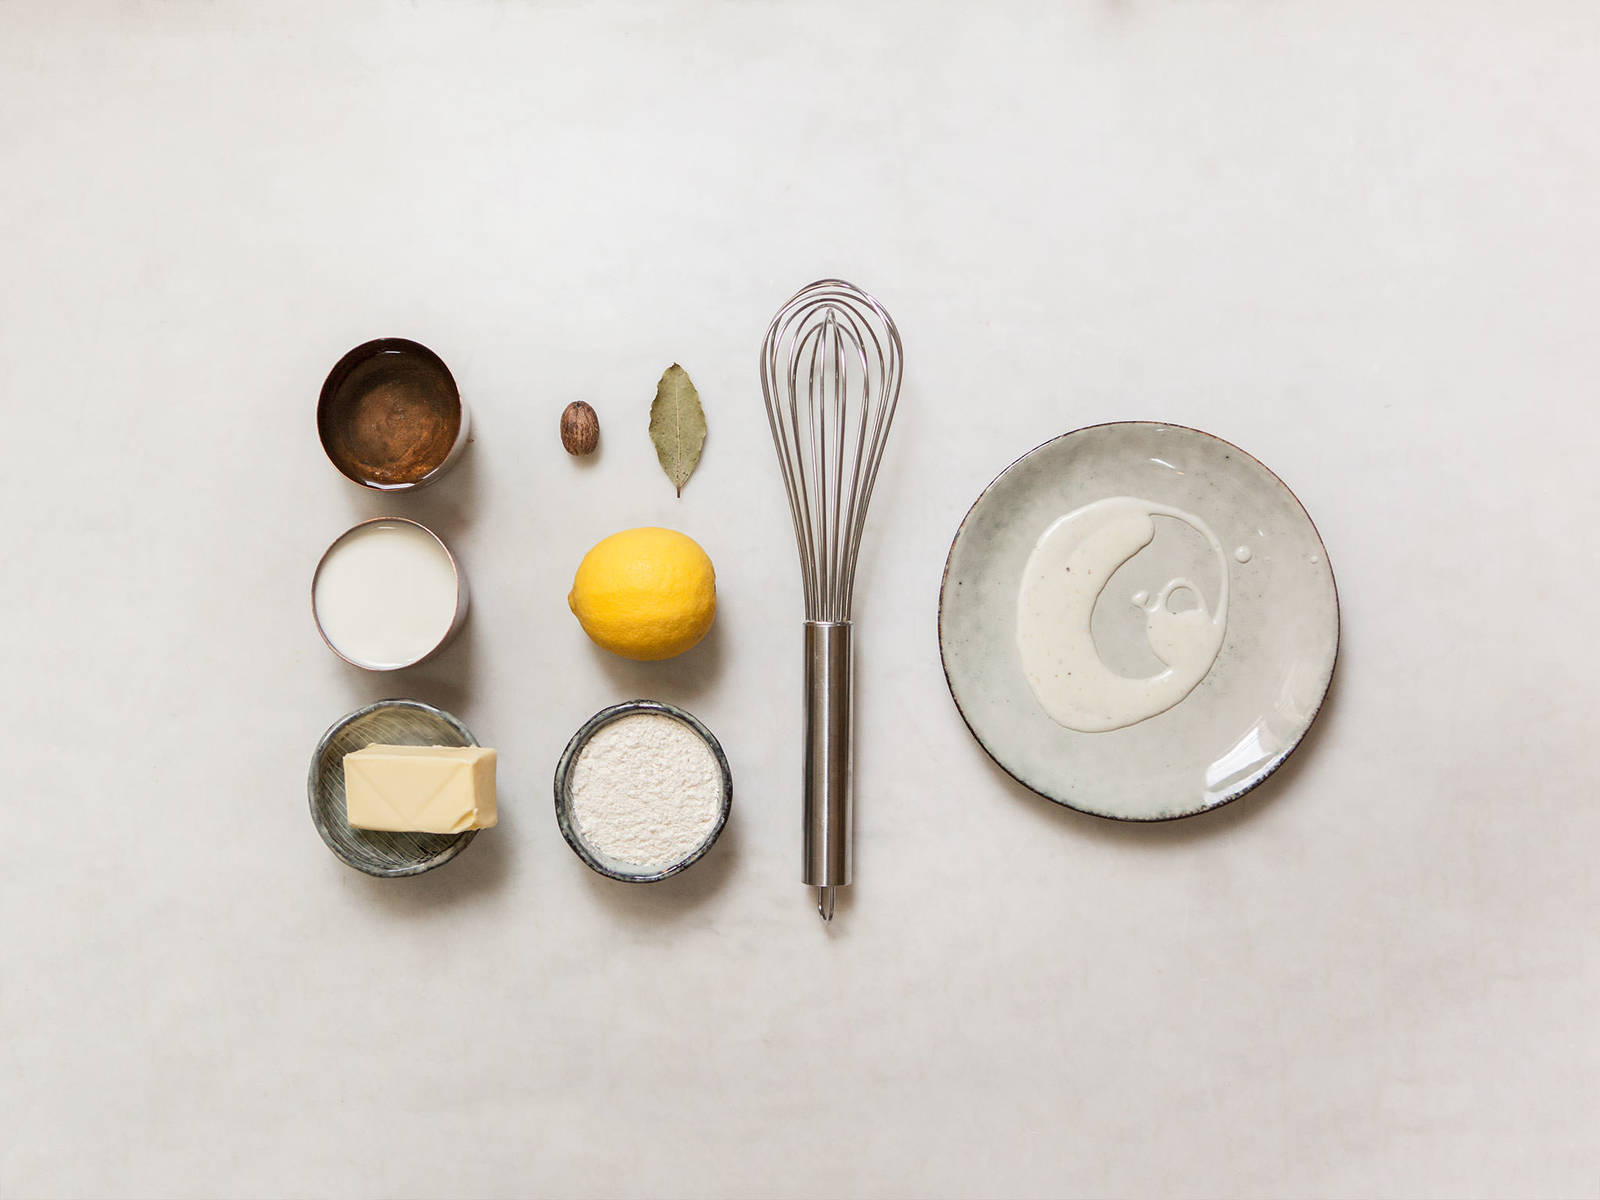 自制法国贝夏梅尔调味酱